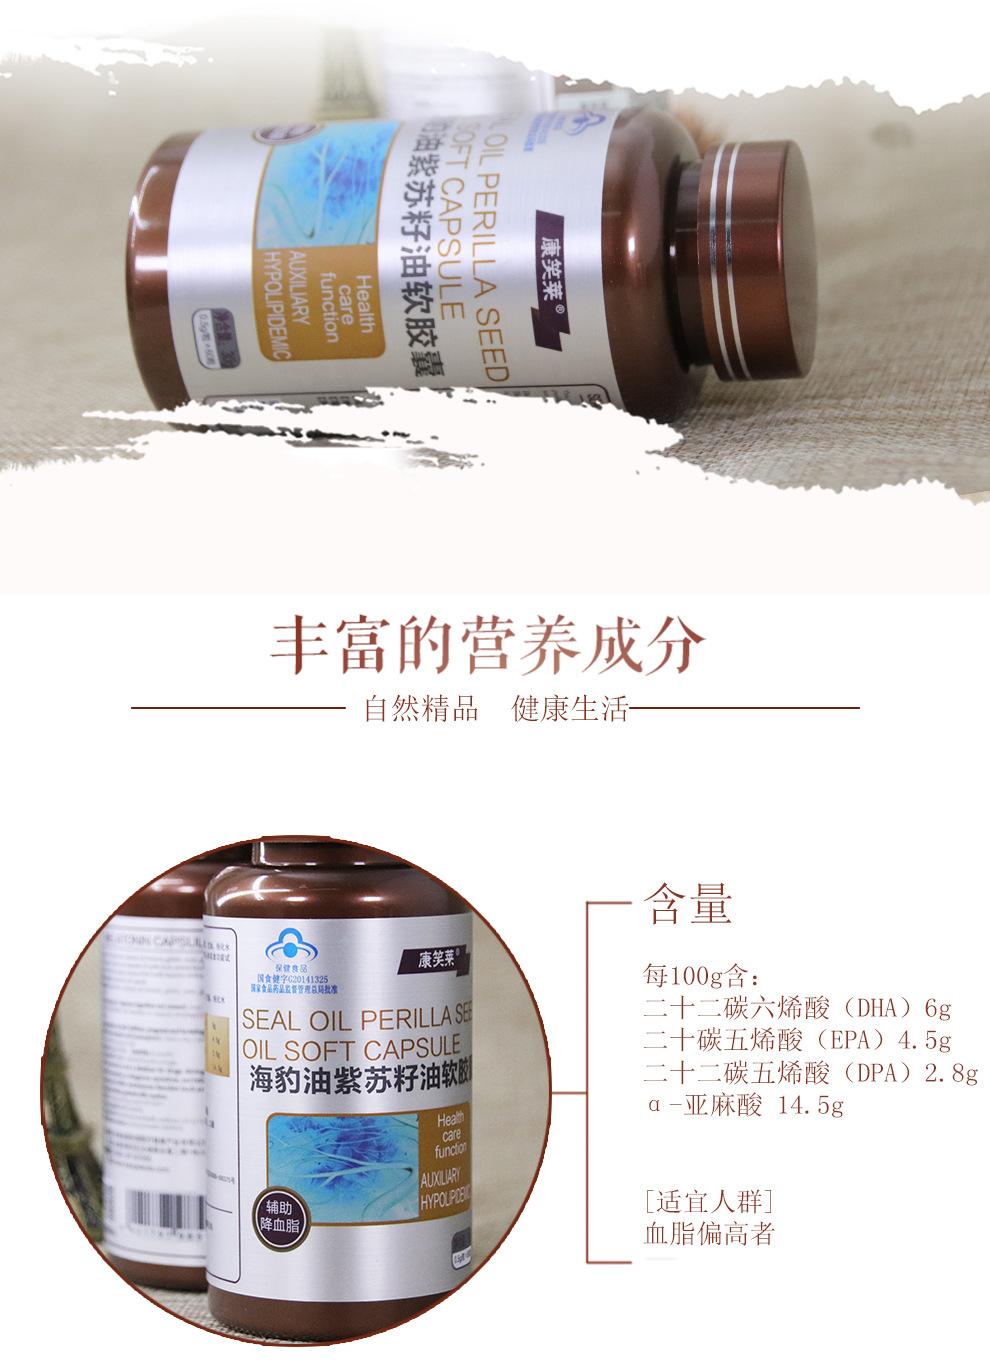 棕色保健食品描述_05